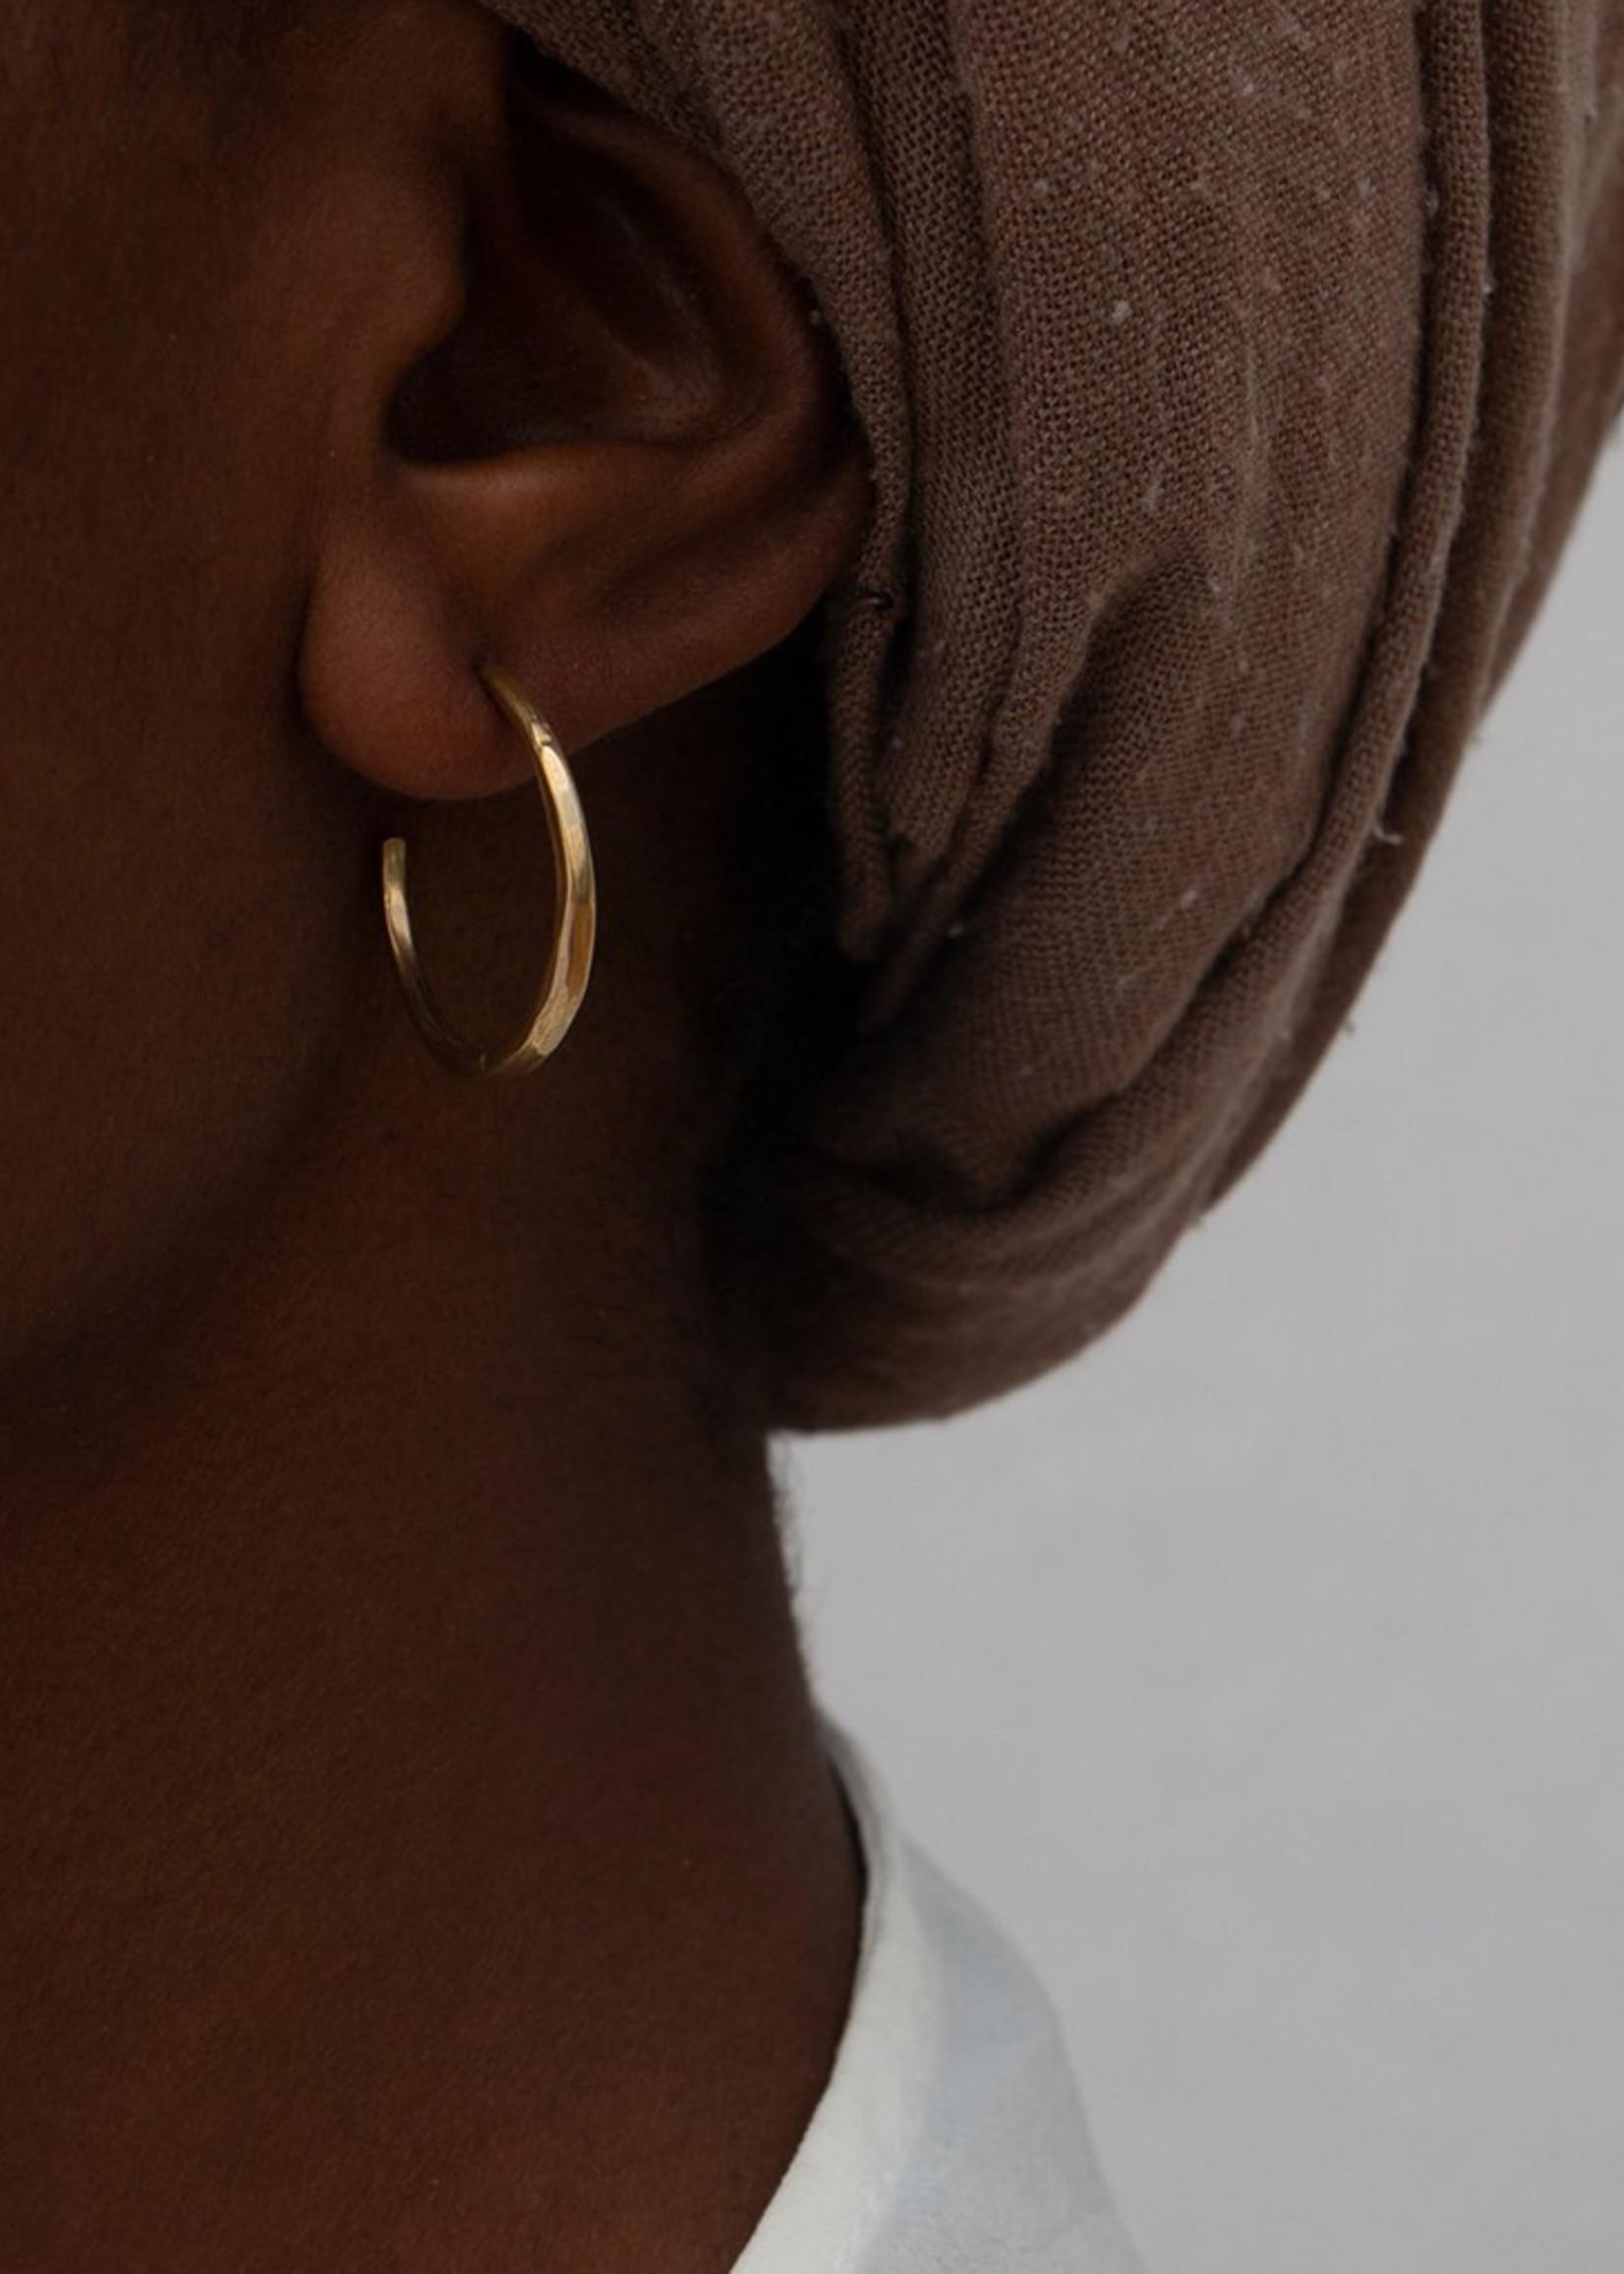 YEWO Nayo Small Hoop Earrings